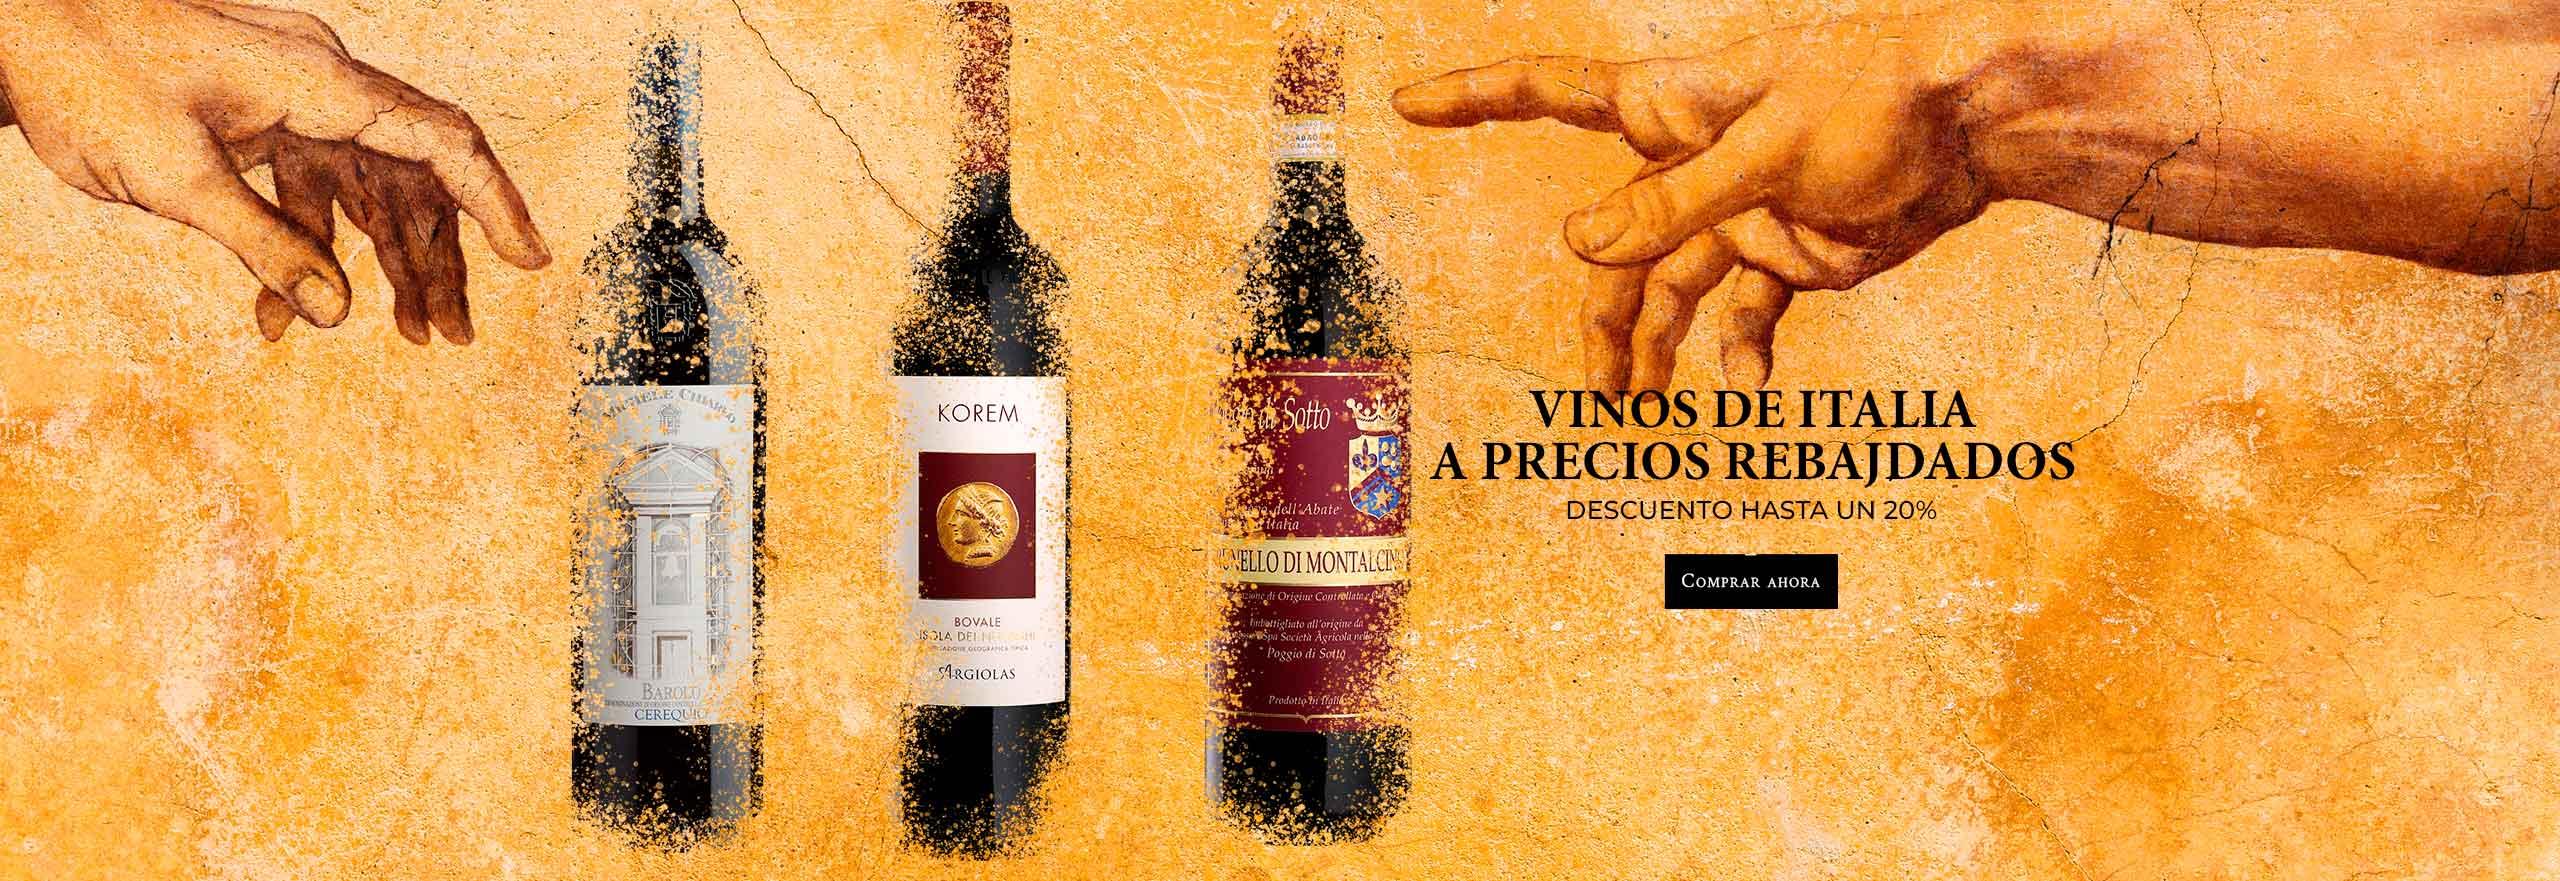 ¡Un descuento hasta un 20% en 70 vinos italianos!